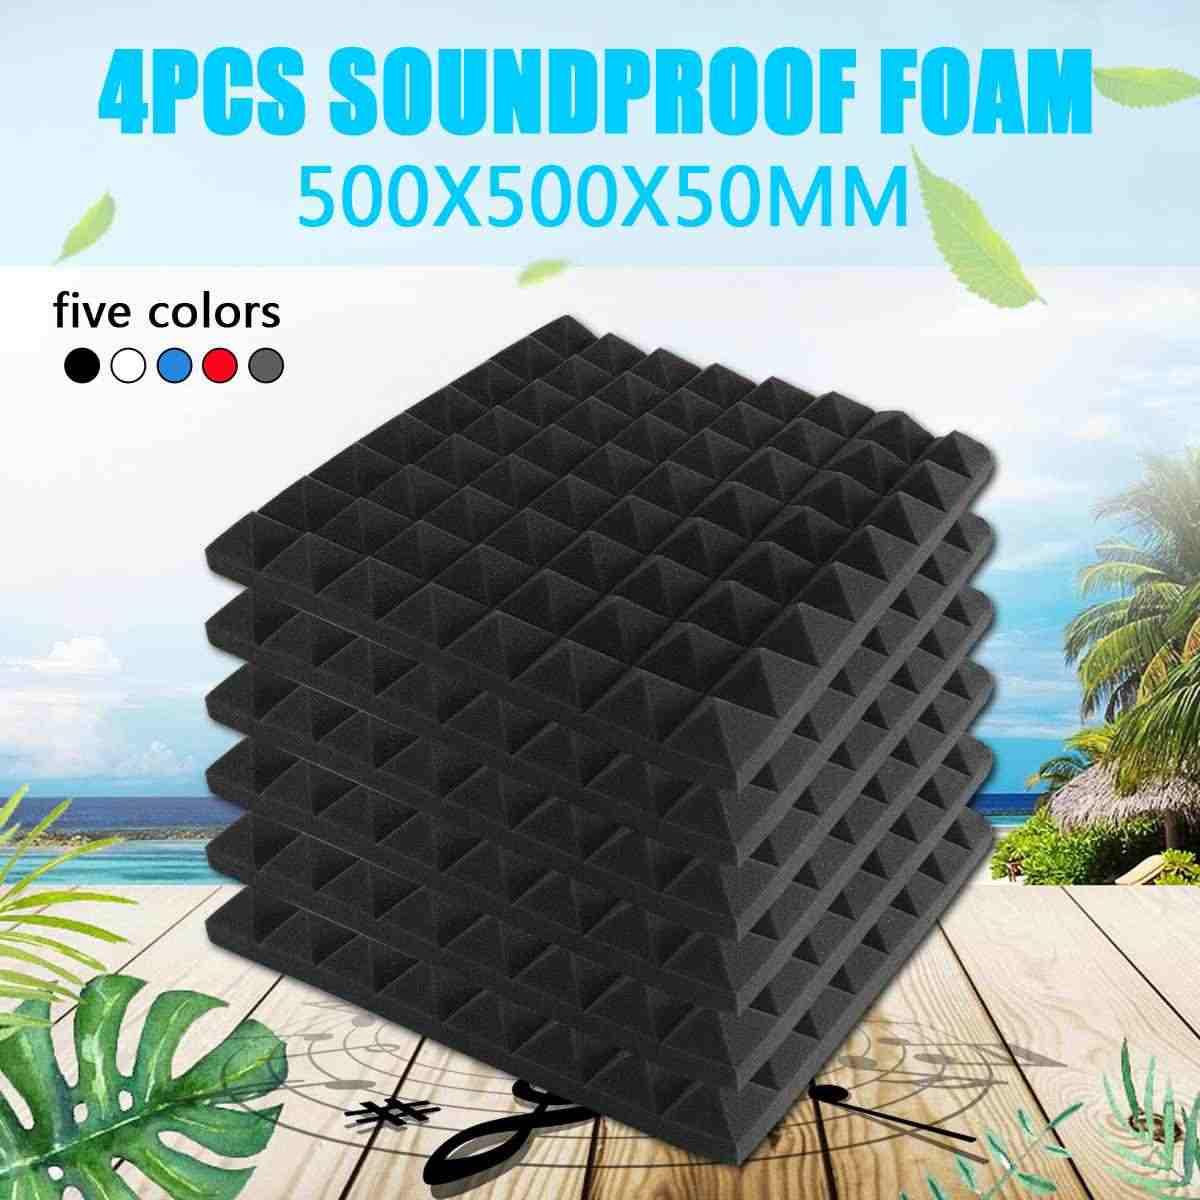 4pcs 500X500X50mm 방음 폼 어쿠스틱 폼 사운드 트리트먼트 스튜디오 룸 흡수 타일 폴리 우레탄 폼